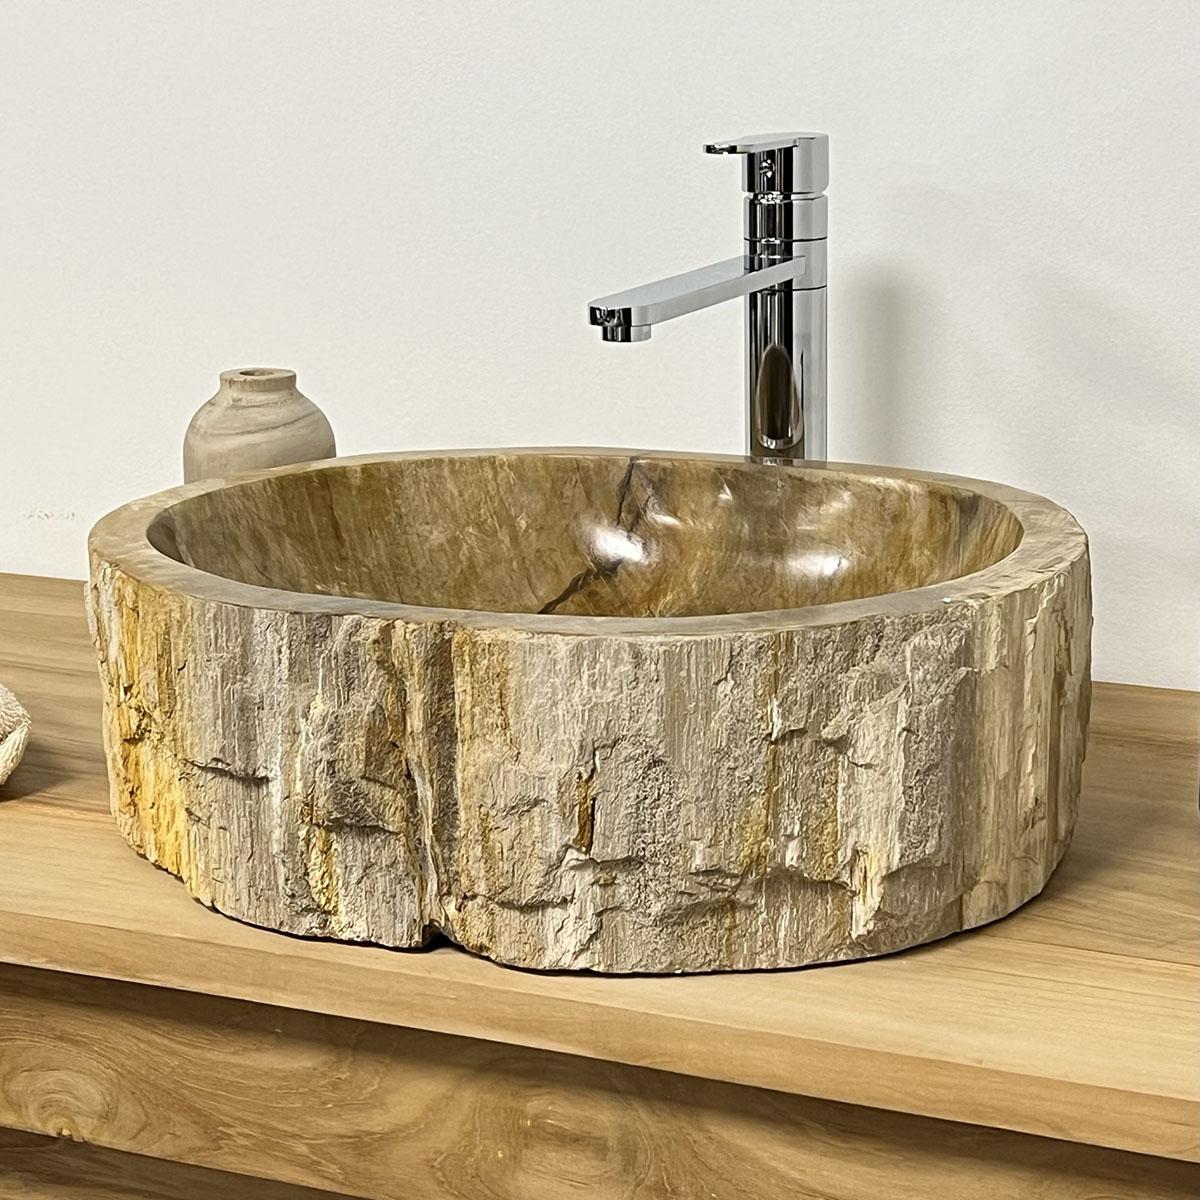 lavabo de salle de bain en bois p trifi fossilis marron. Black Bedroom Furniture Sets. Home Design Ideas